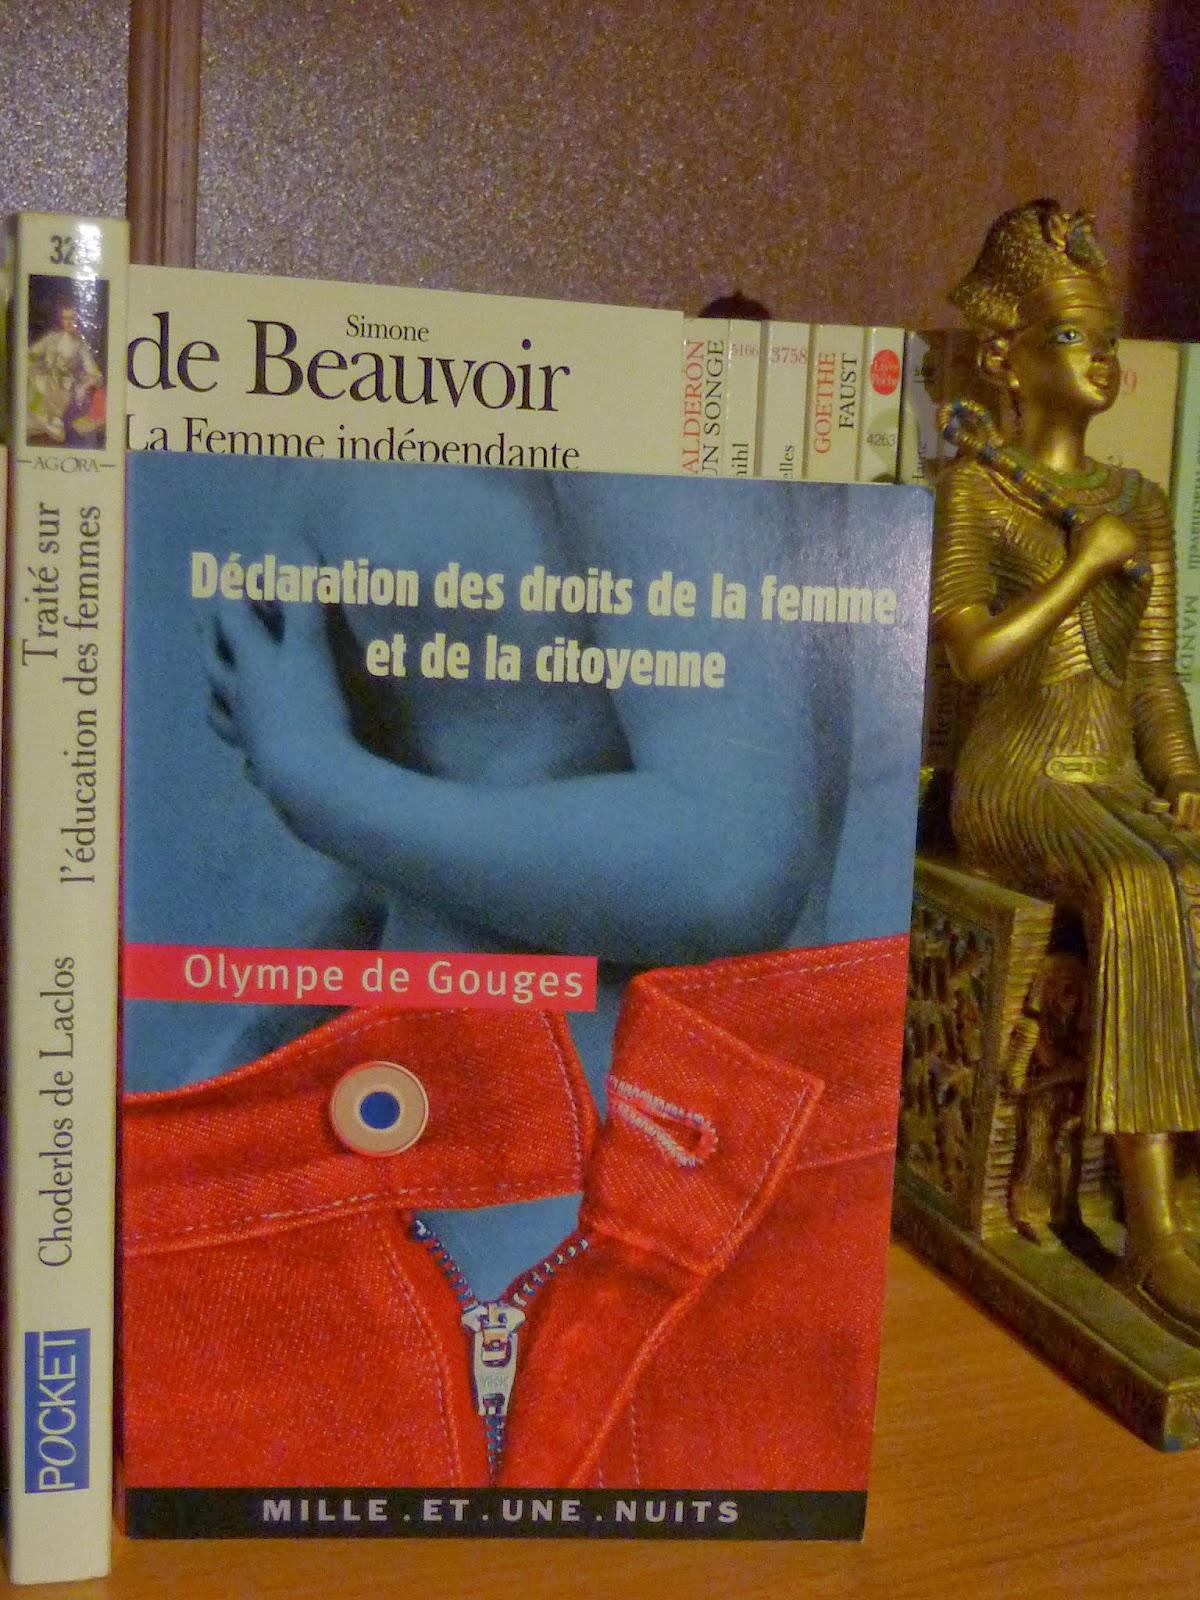 Déclaration des droits de la femme et de la citoyenne - Olympe de Gouges